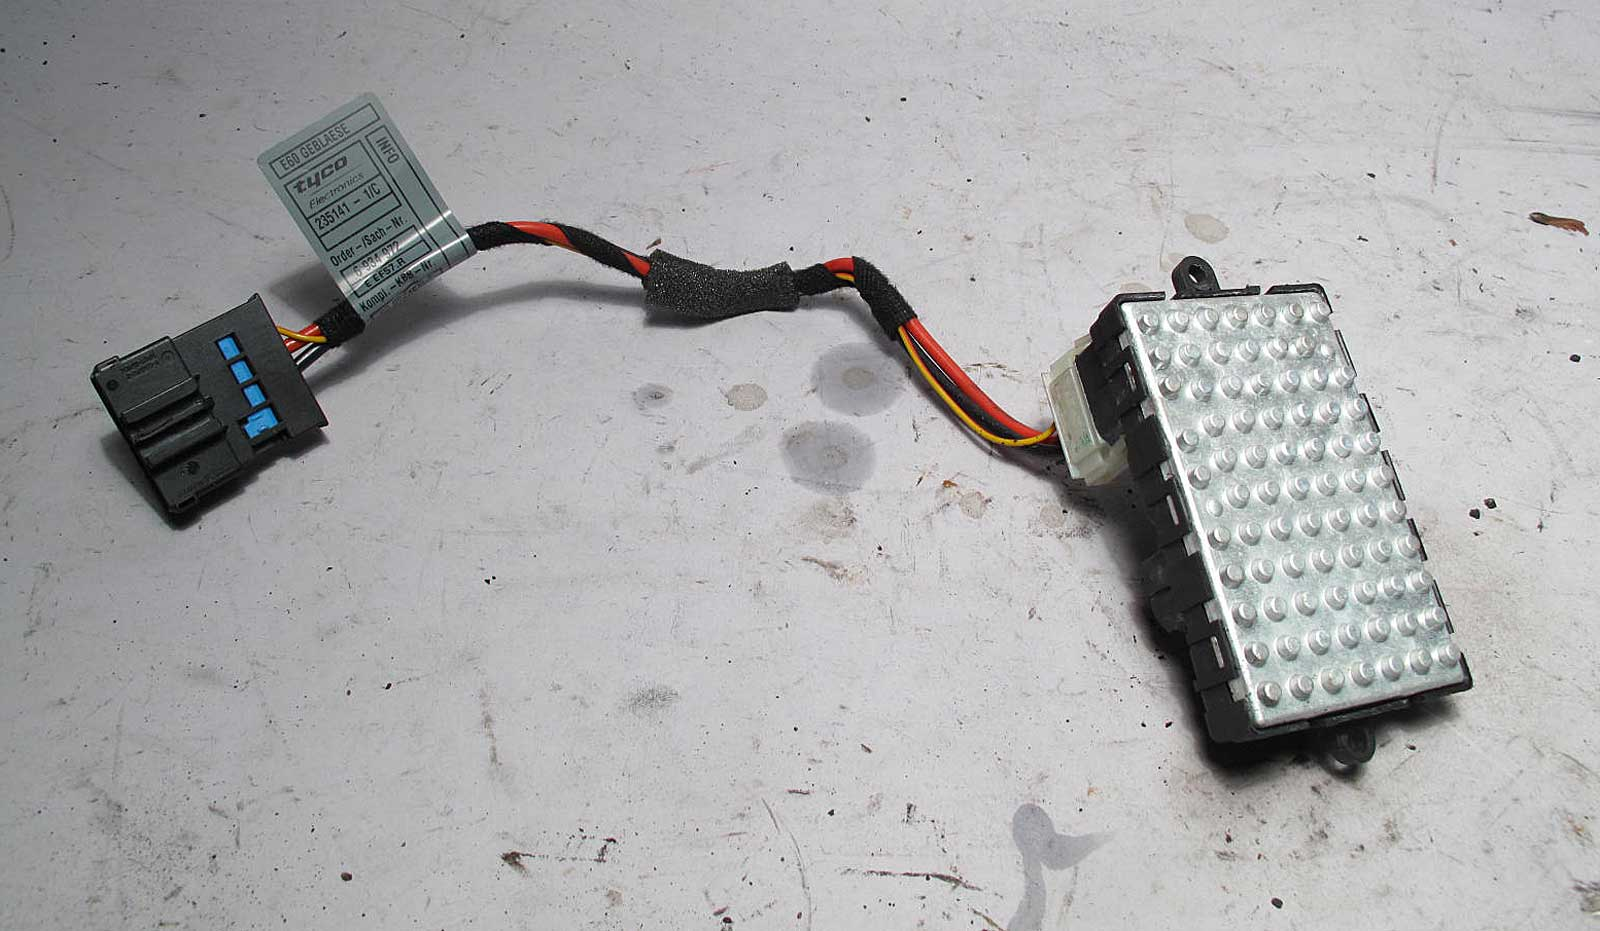 bmw e60 5 series e63 blower motor regulator resistor 2004 2010 behr used oem ebay. Black Bedroom Furniture Sets. Home Design Ideas